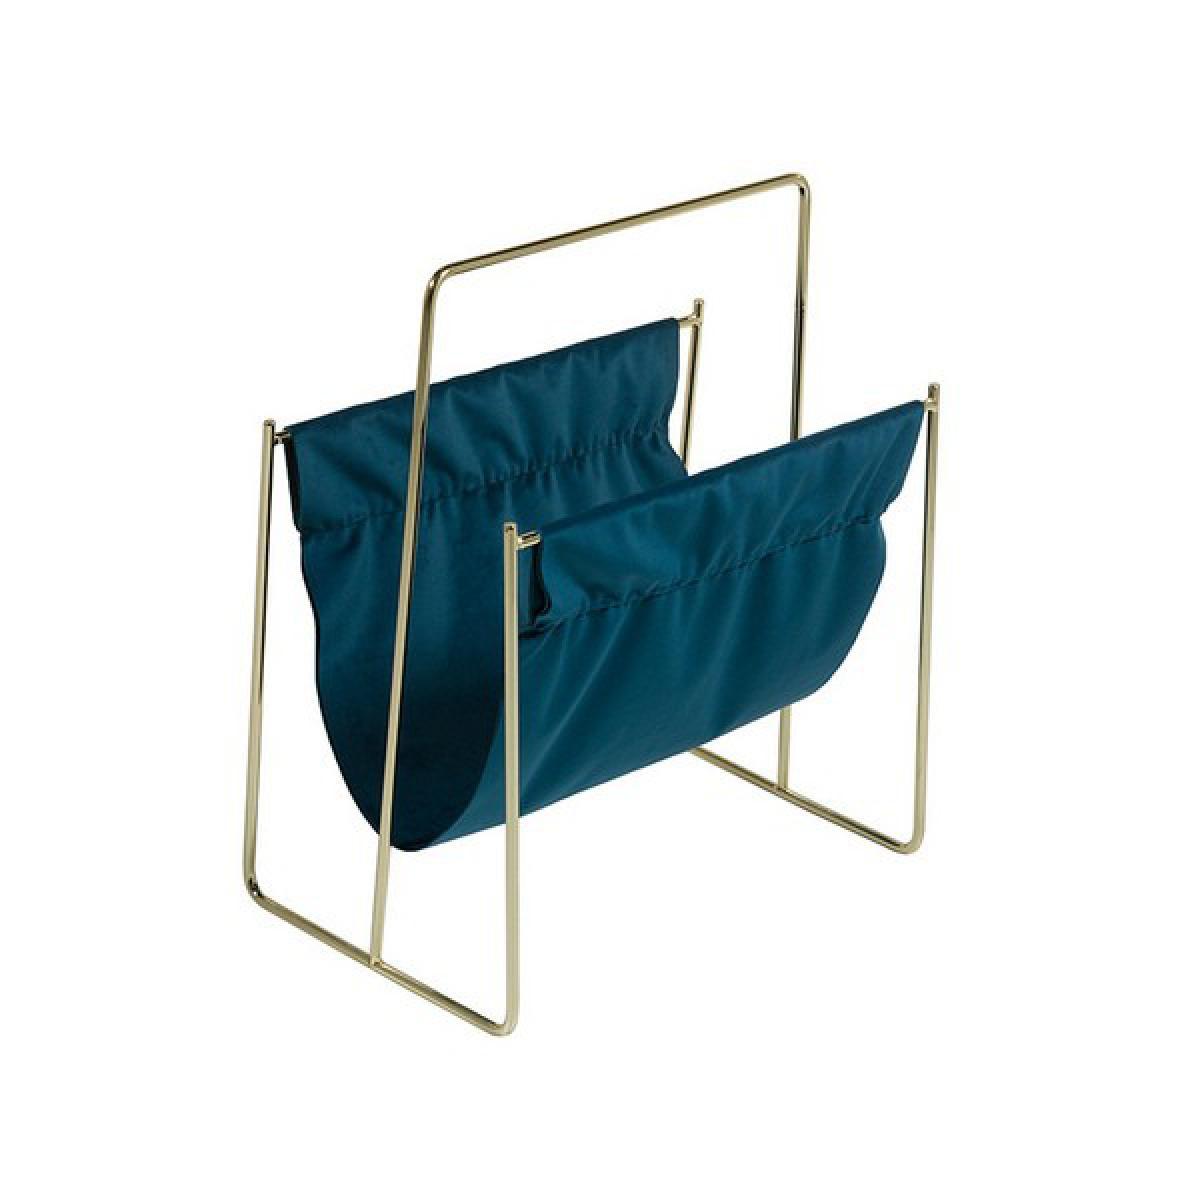 Totalcadeau Porte-revues avec structure en Laiton Velours (40 X 26 x 48 cm) - Range revues design Pas cher